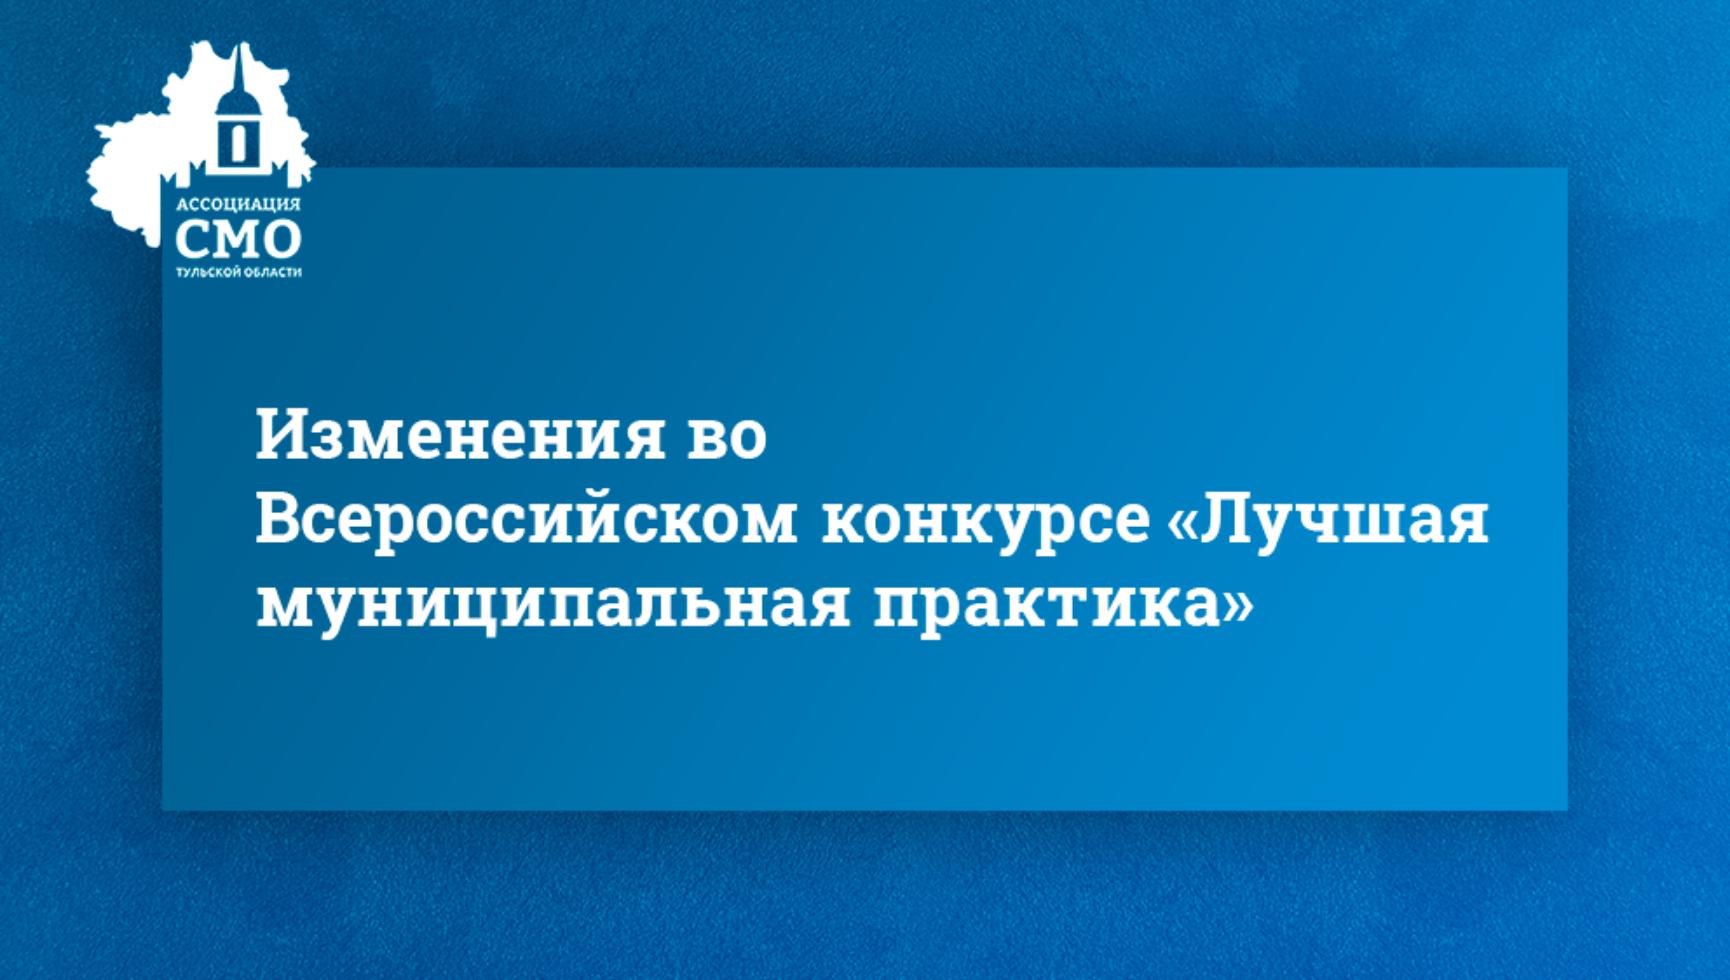 Изменения во Всероссийском конкурсе «Лучшая муниципальная практика»